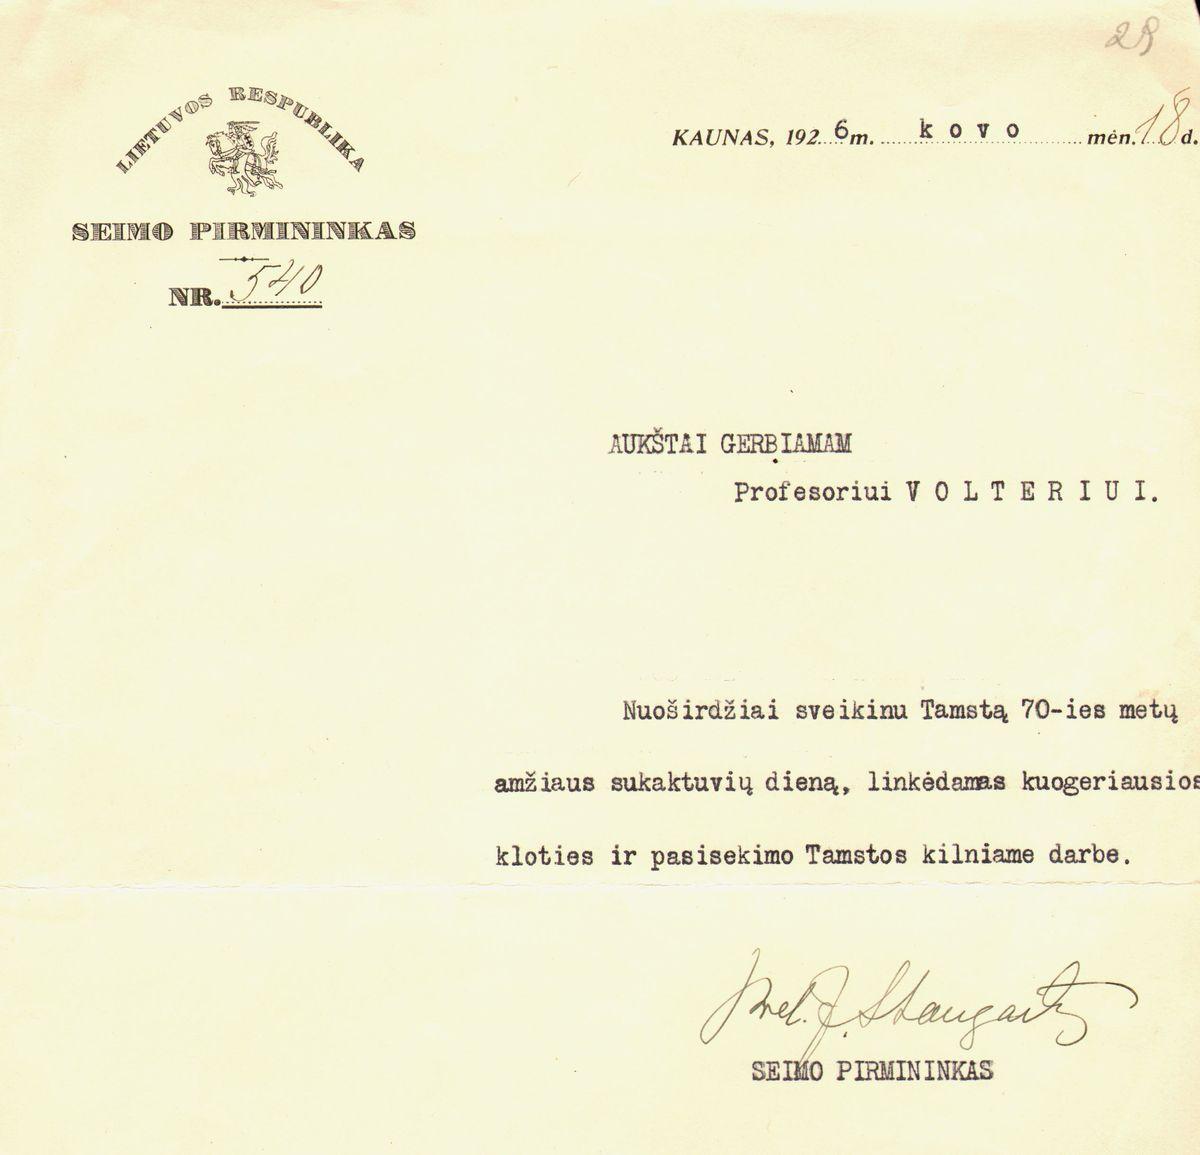 Seimo pirmininko Staugaicio_1926.jpg